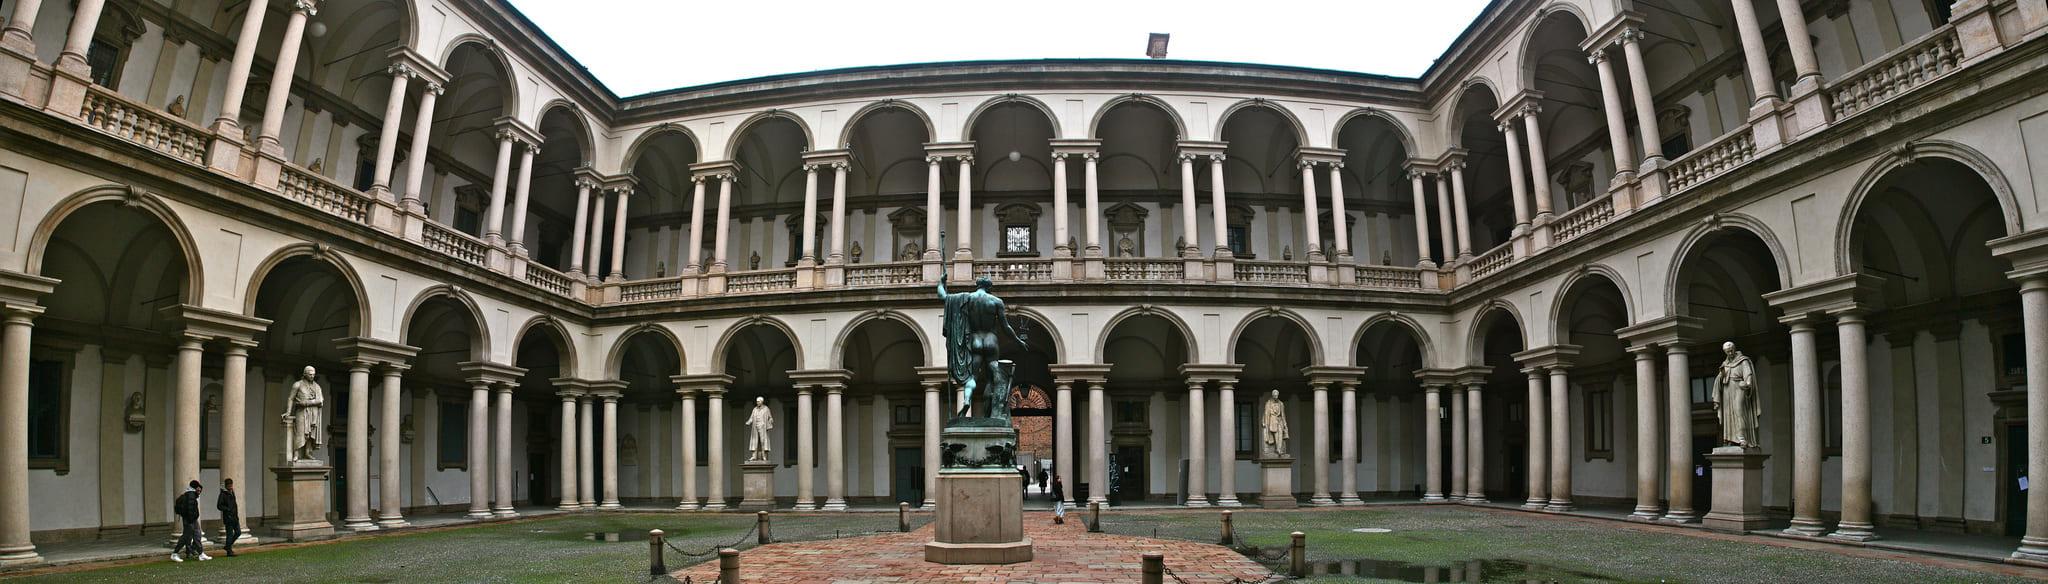 Pinacoteca di Brera - dove si trova il cenacolo Vinciano